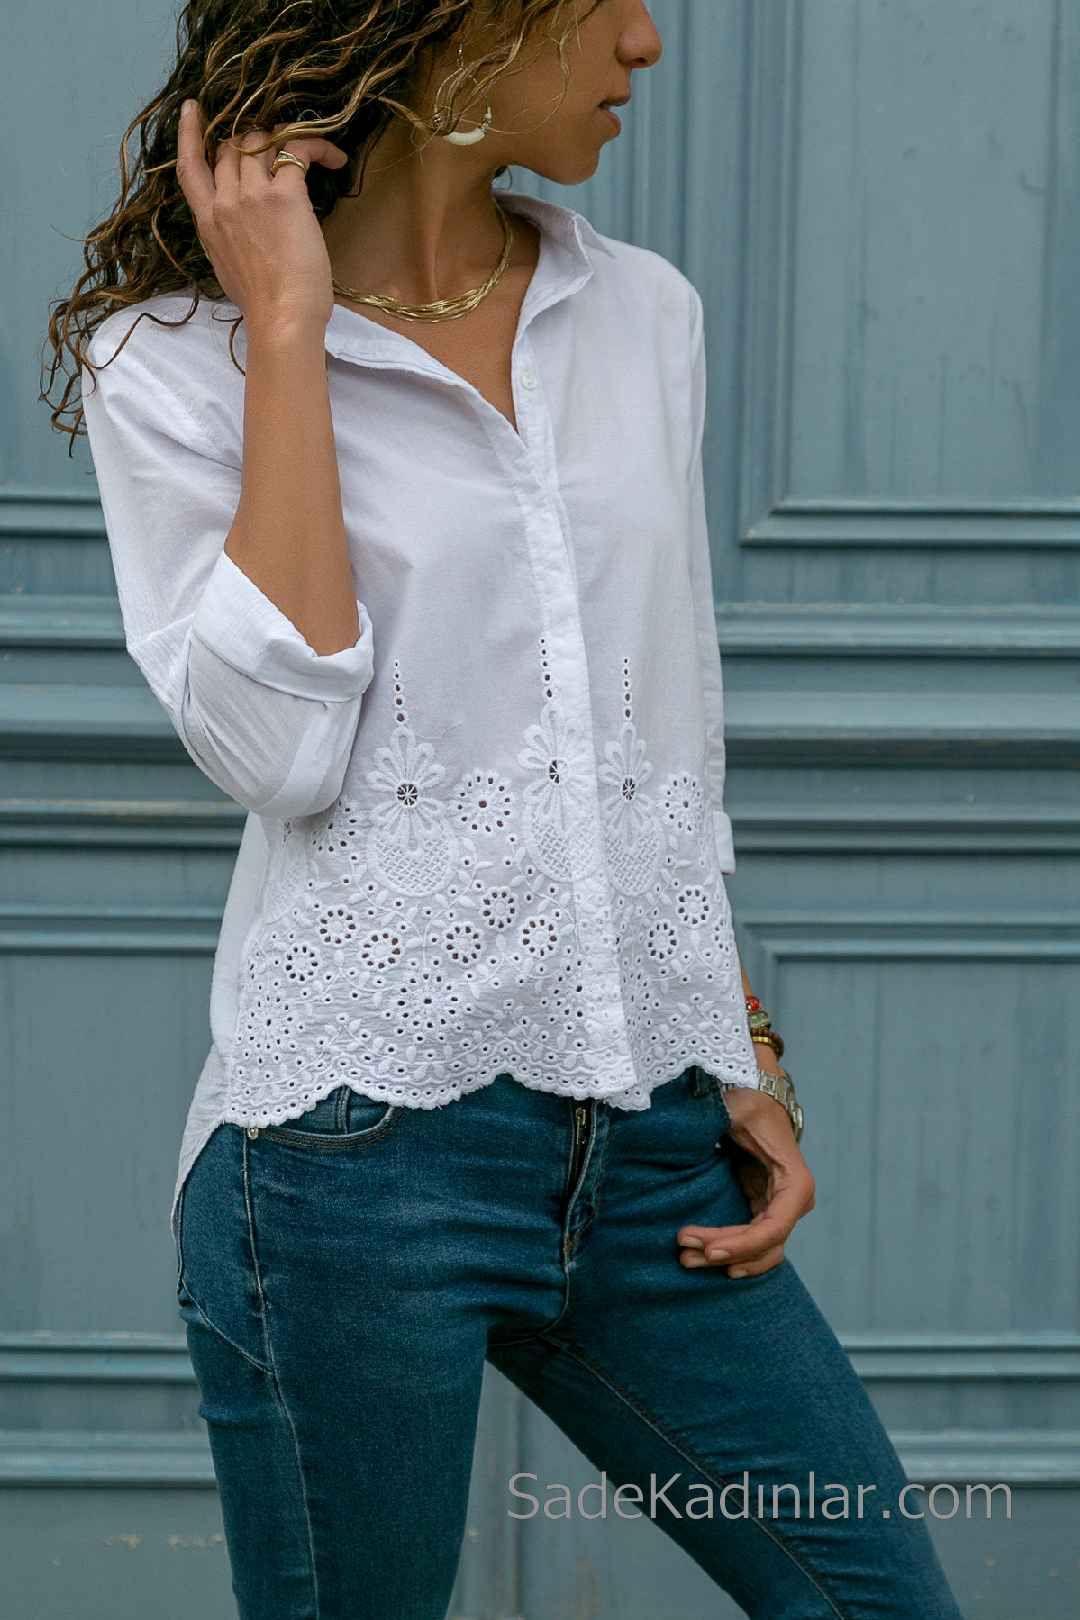 2020 Beyaz Gomlek Modelleri Uzun Kollu Onden Dugmeli Etek Kismi Gupurlu Uzun Kollu Moda Moda Stilleri